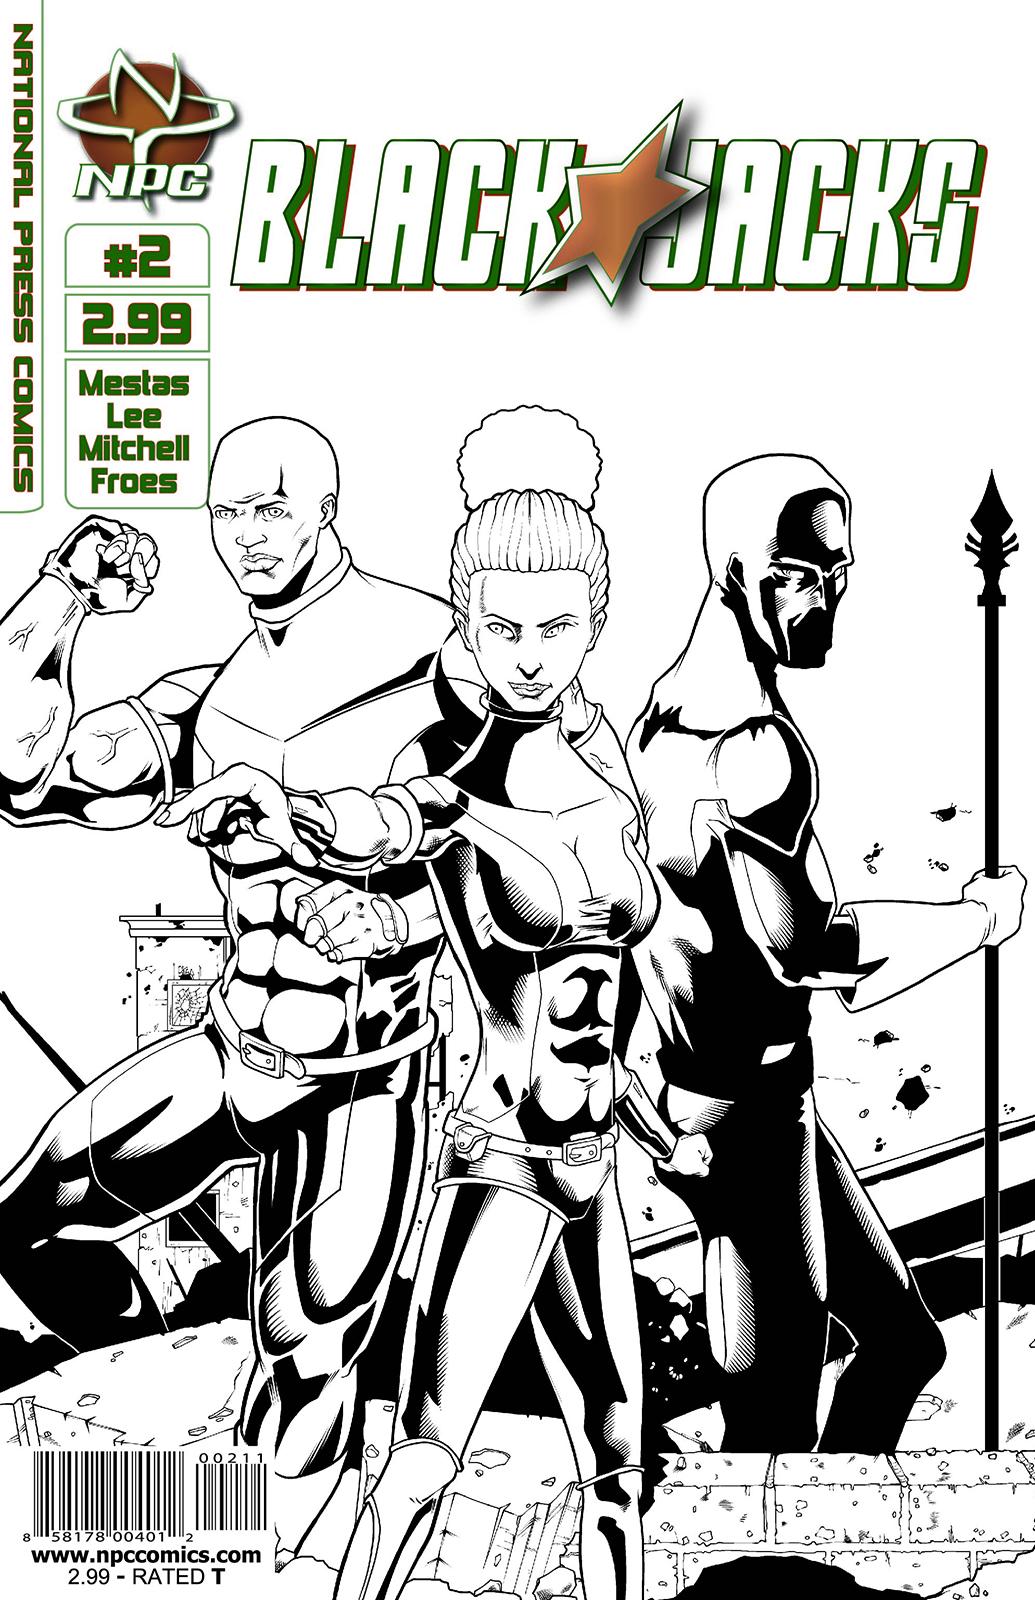 Blackjacks Issue #2 Cover